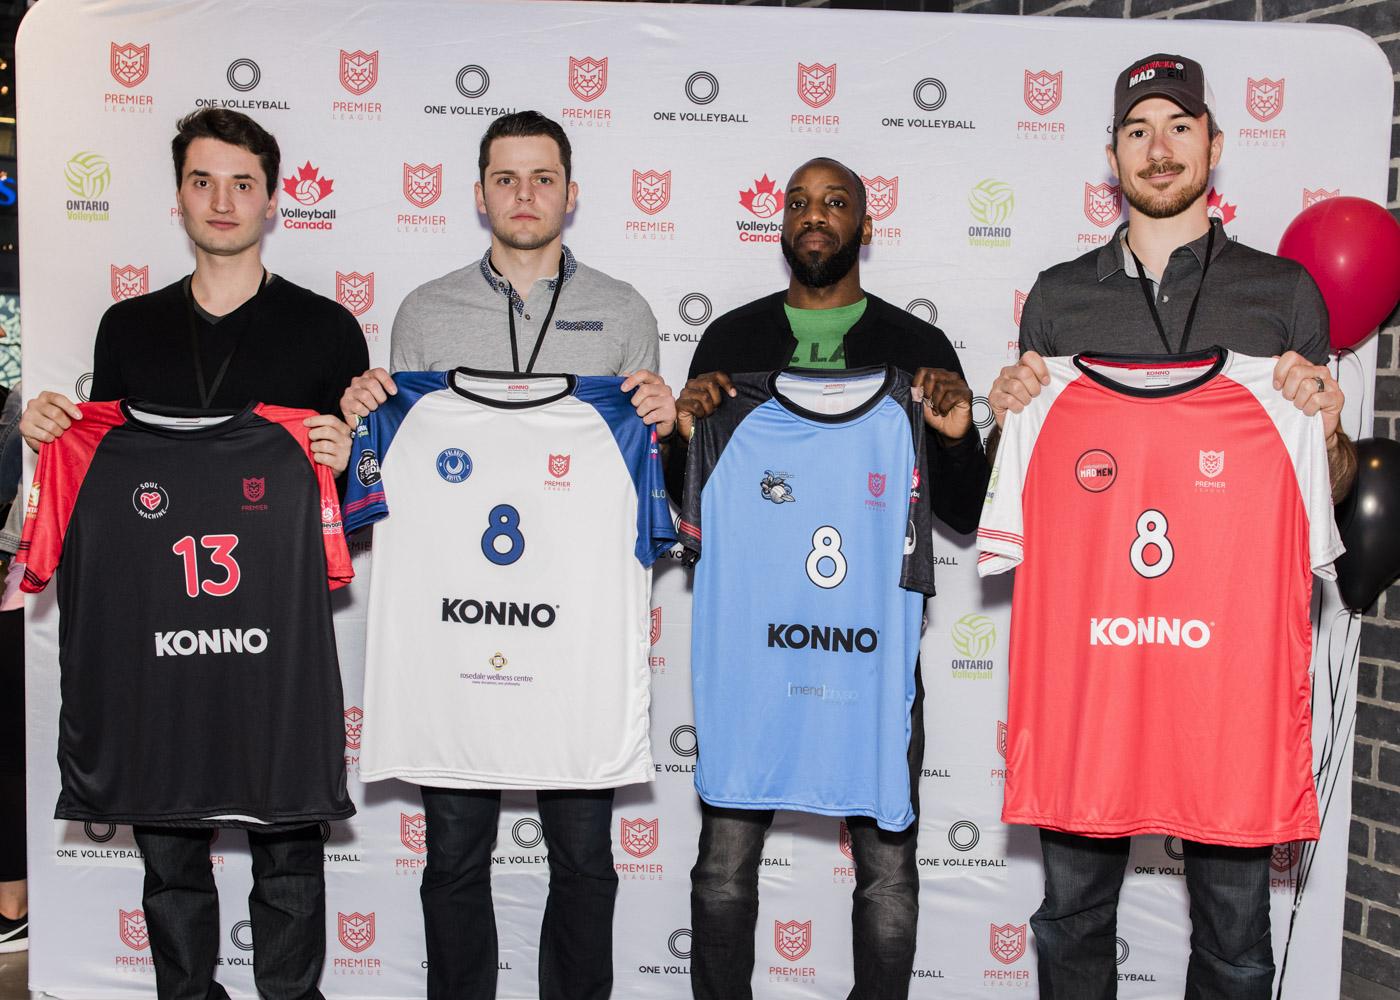 2018 men's Premier League jerseys